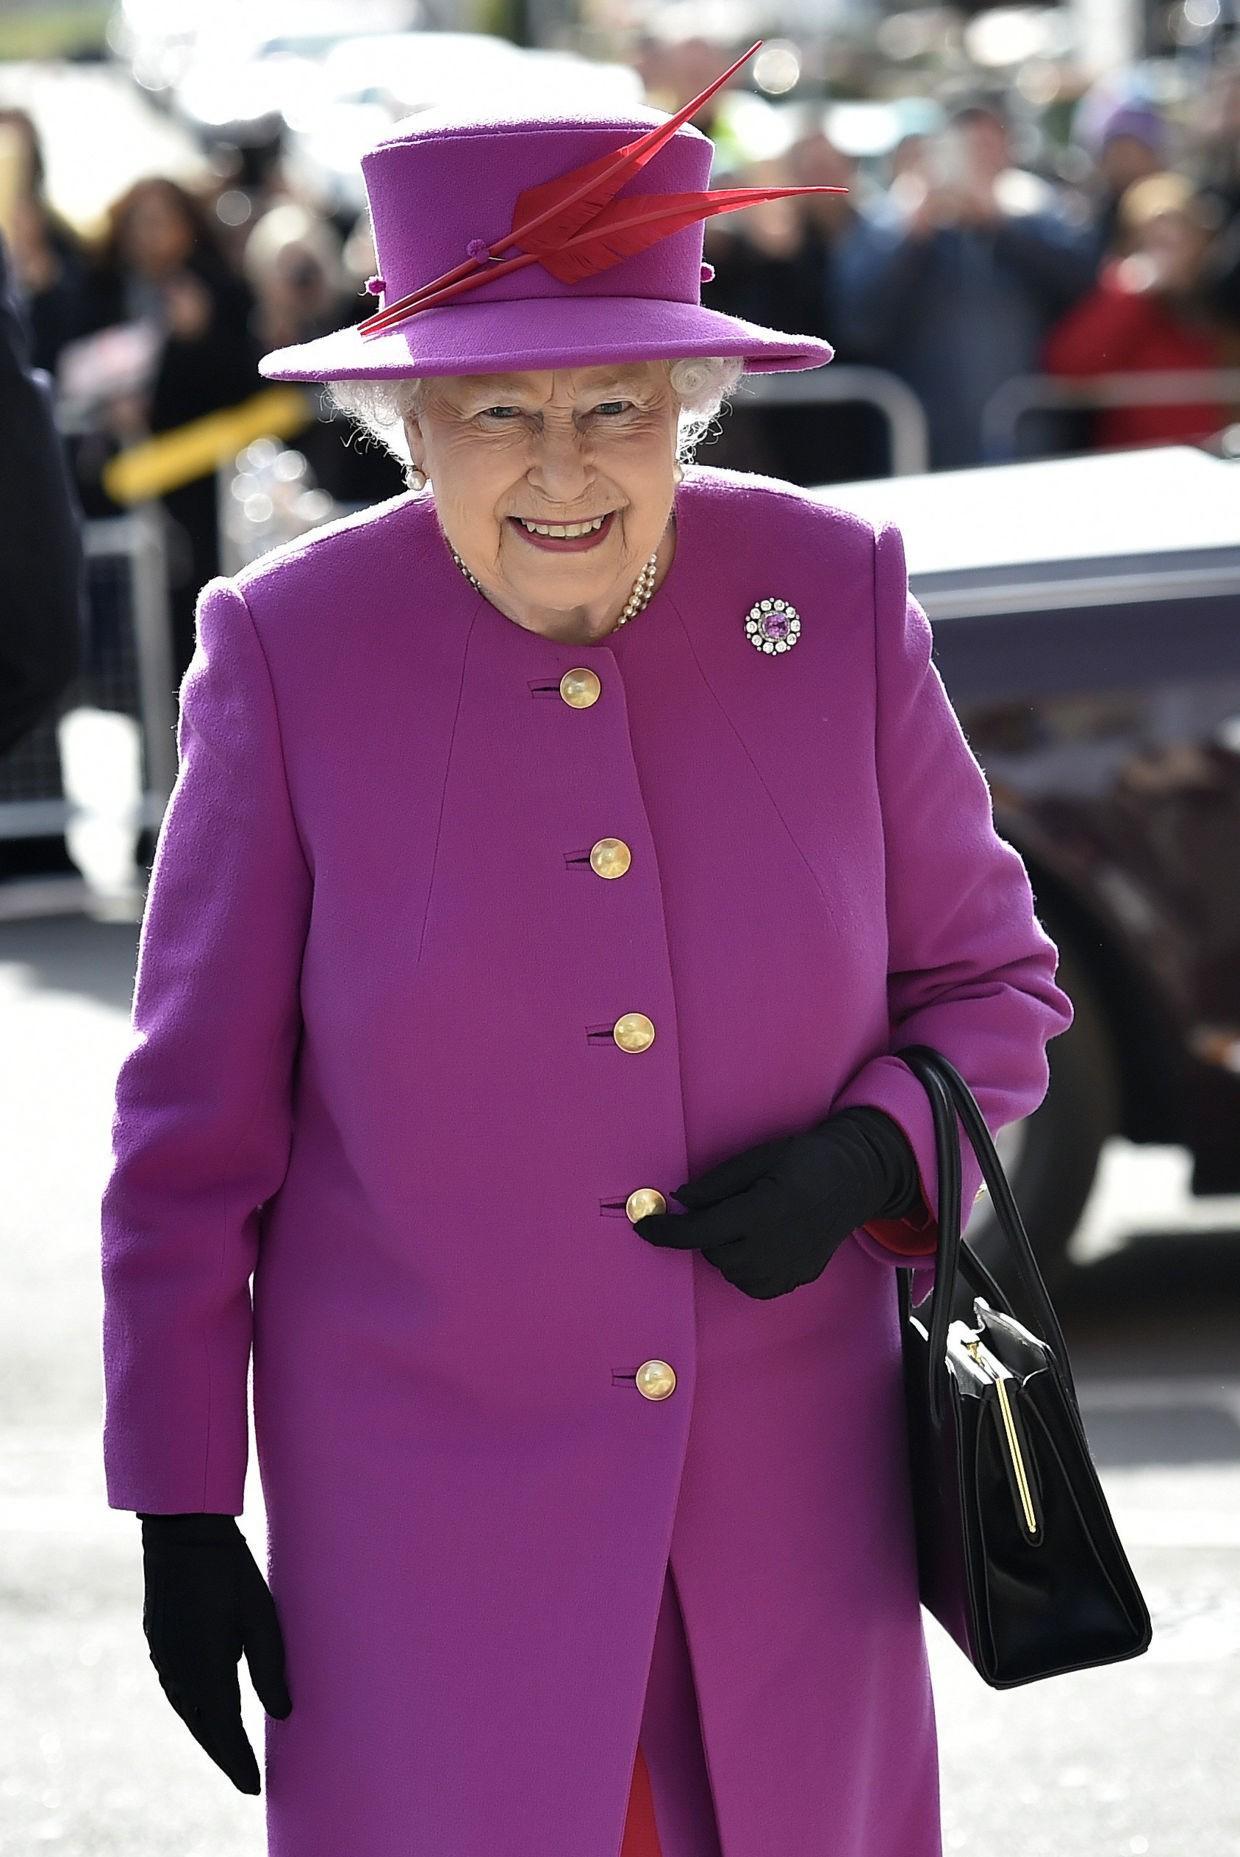 Ngoài gu diện đồ sặc sỡ, Nữ hoàng Anh còn có 5 bí mật làm nên phong cách thời trang không thể trộn lẫn - Ảnh 18.